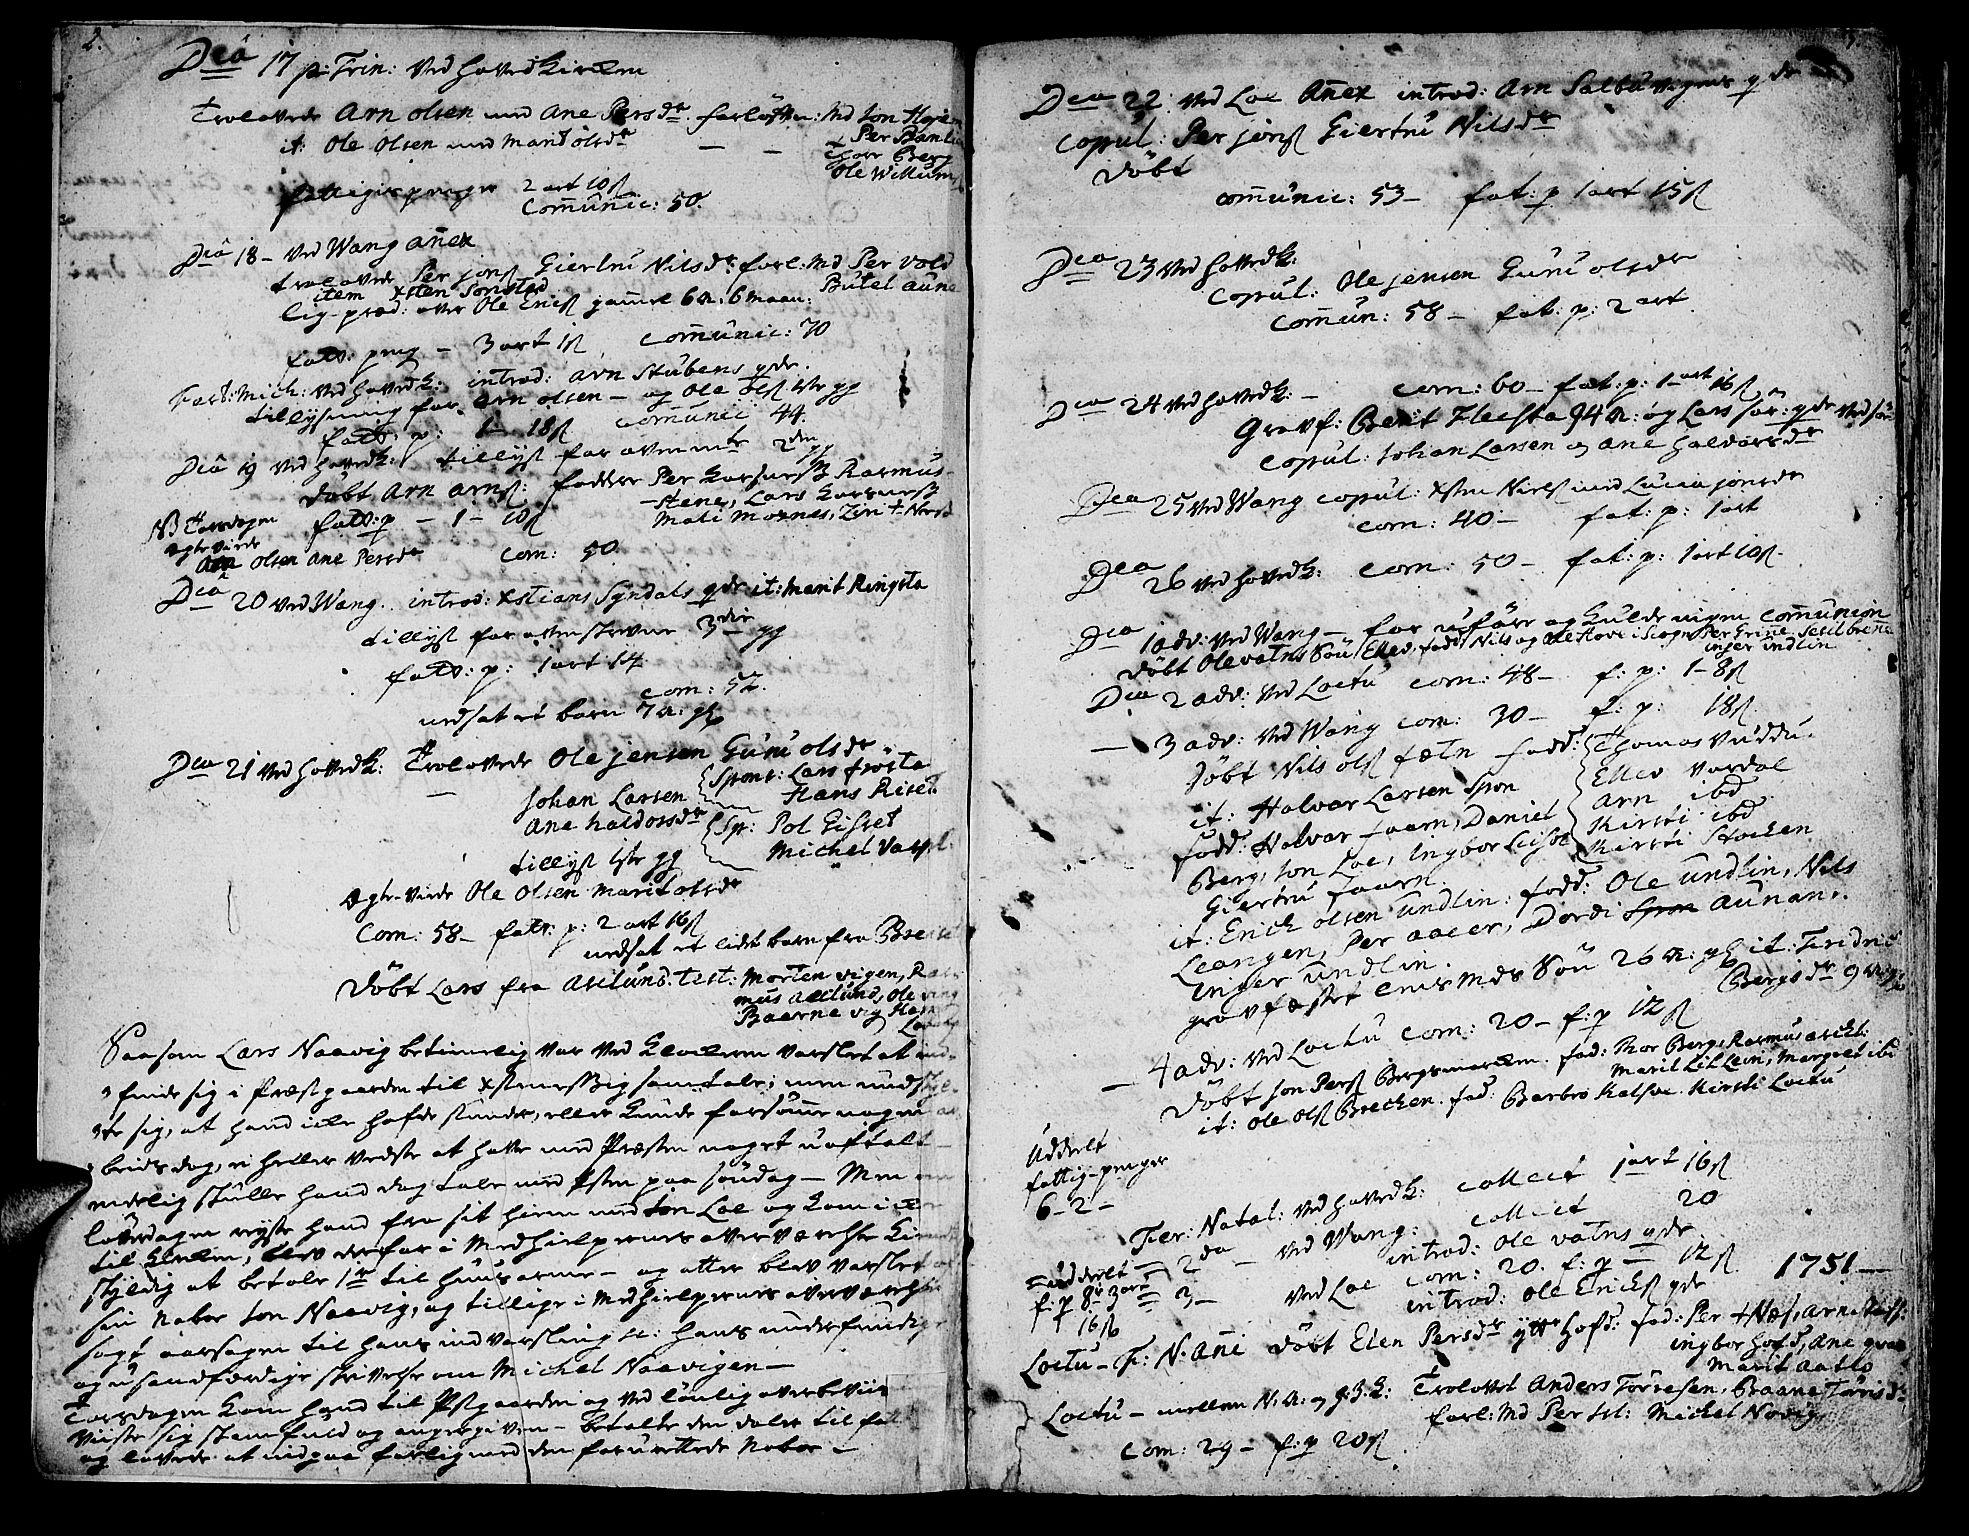 SAT, Ministerialprotokoller, klokkerbøker og fødselsregistre - Nord-Trøndelag, 713/L0109: Ministerialbok nr. 713A01, 1750-1778, s. 2-3